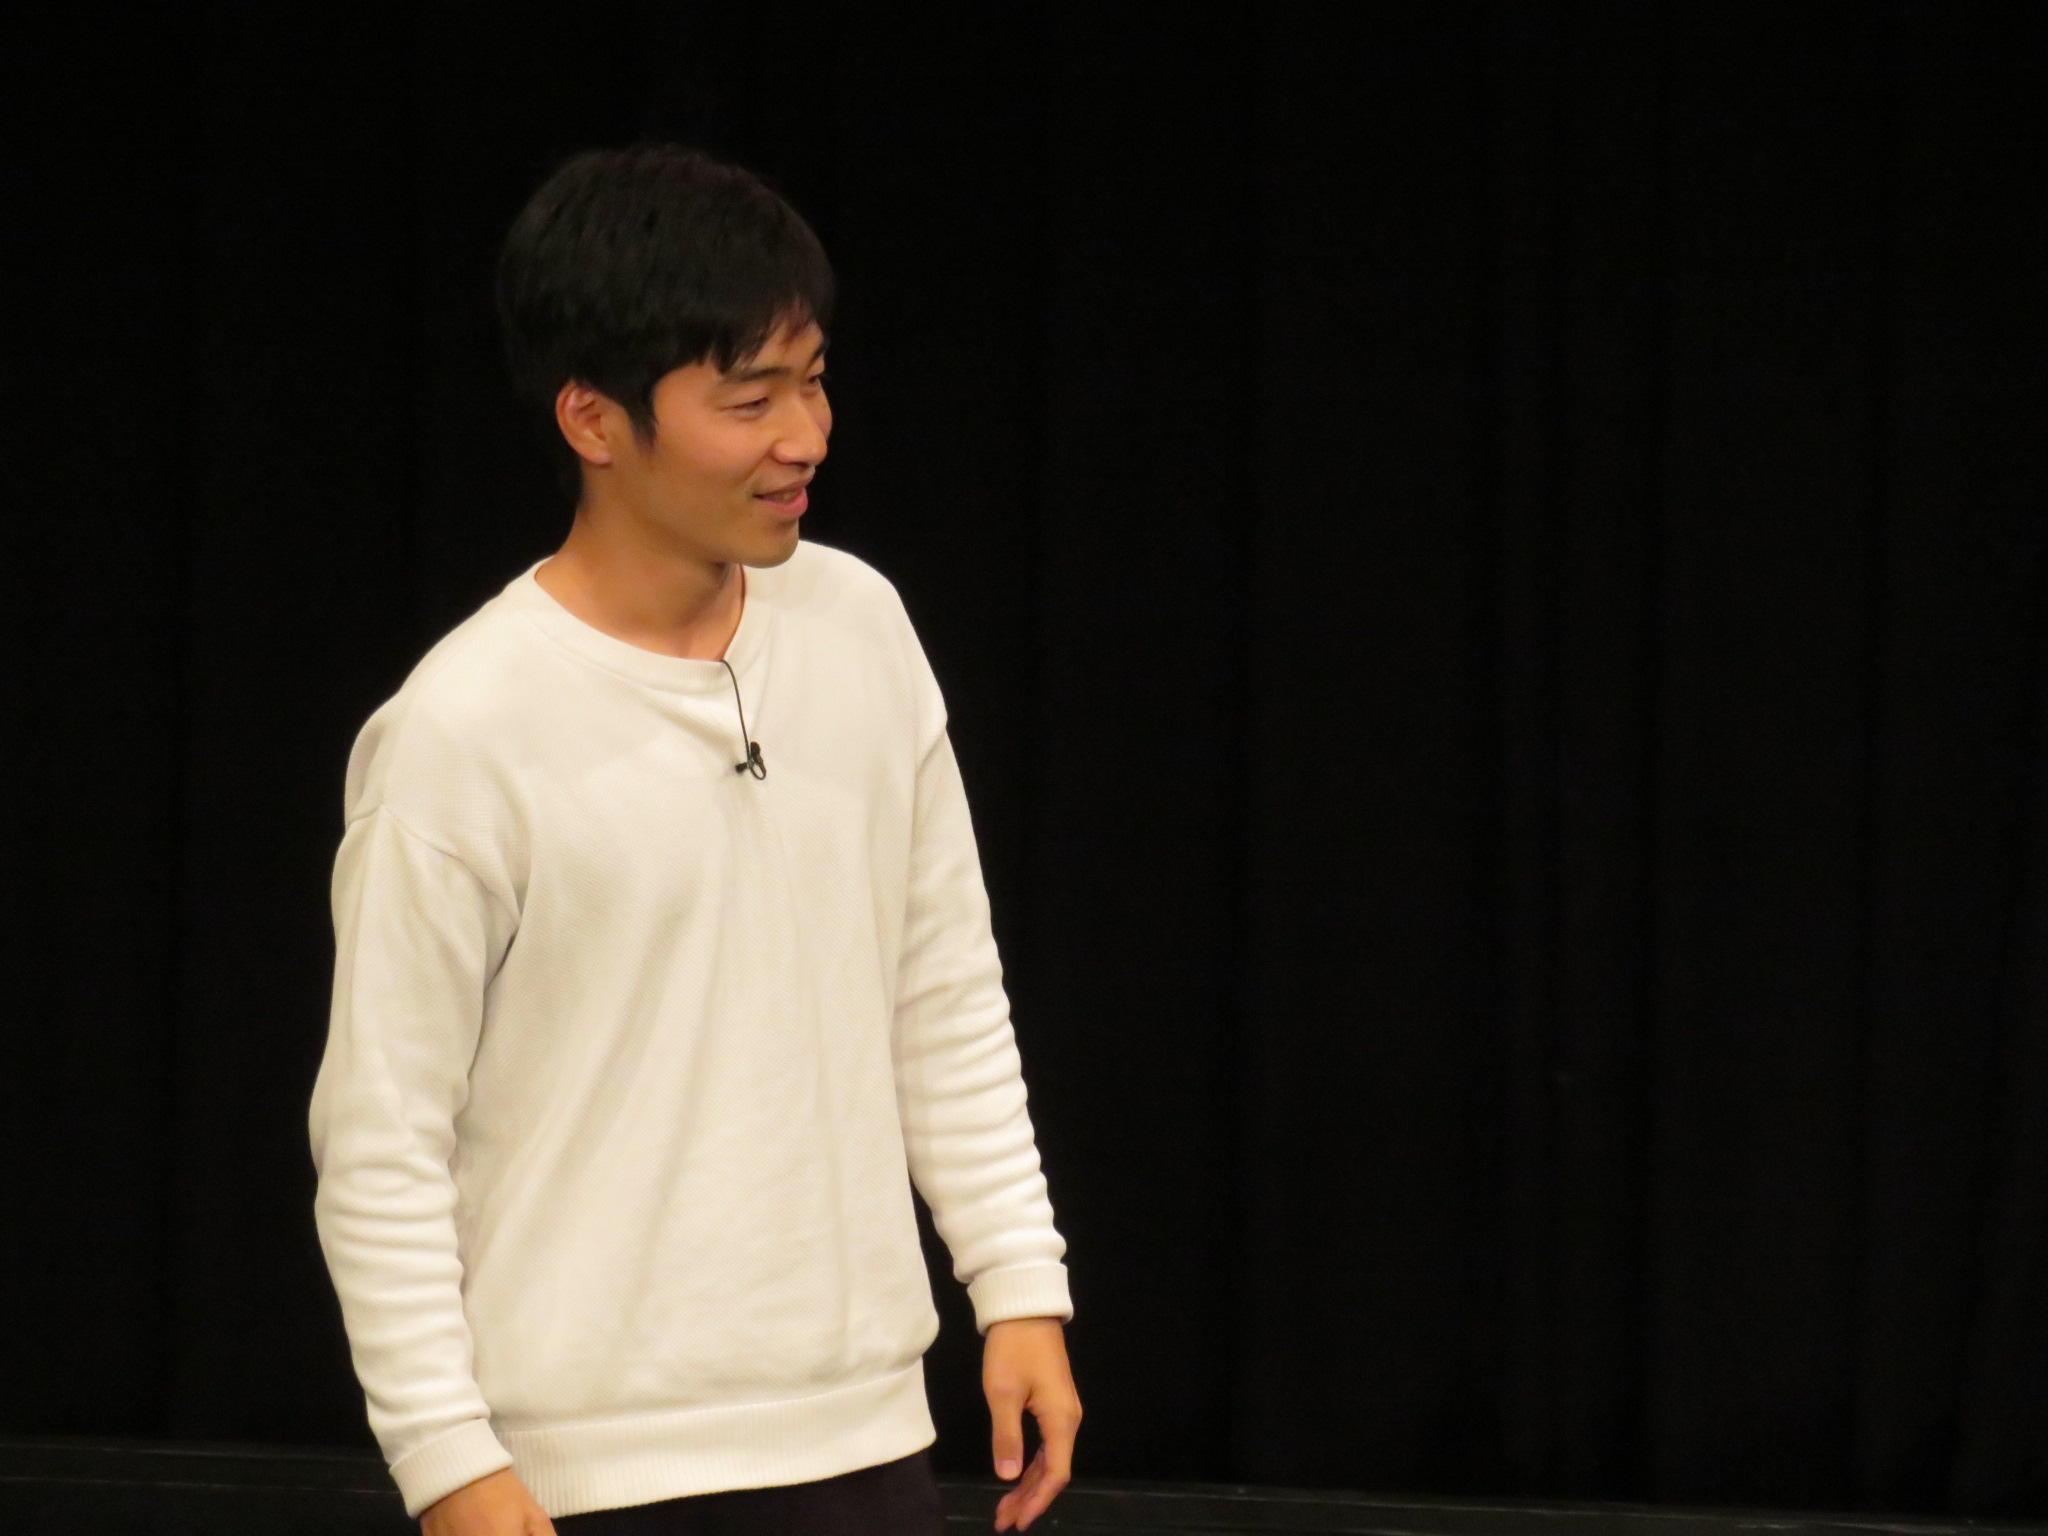 http://news.yoshimoto.co.jp/20181230125522-0366893e59e3a6e0998bcecd769674cef48a45c9.jpg